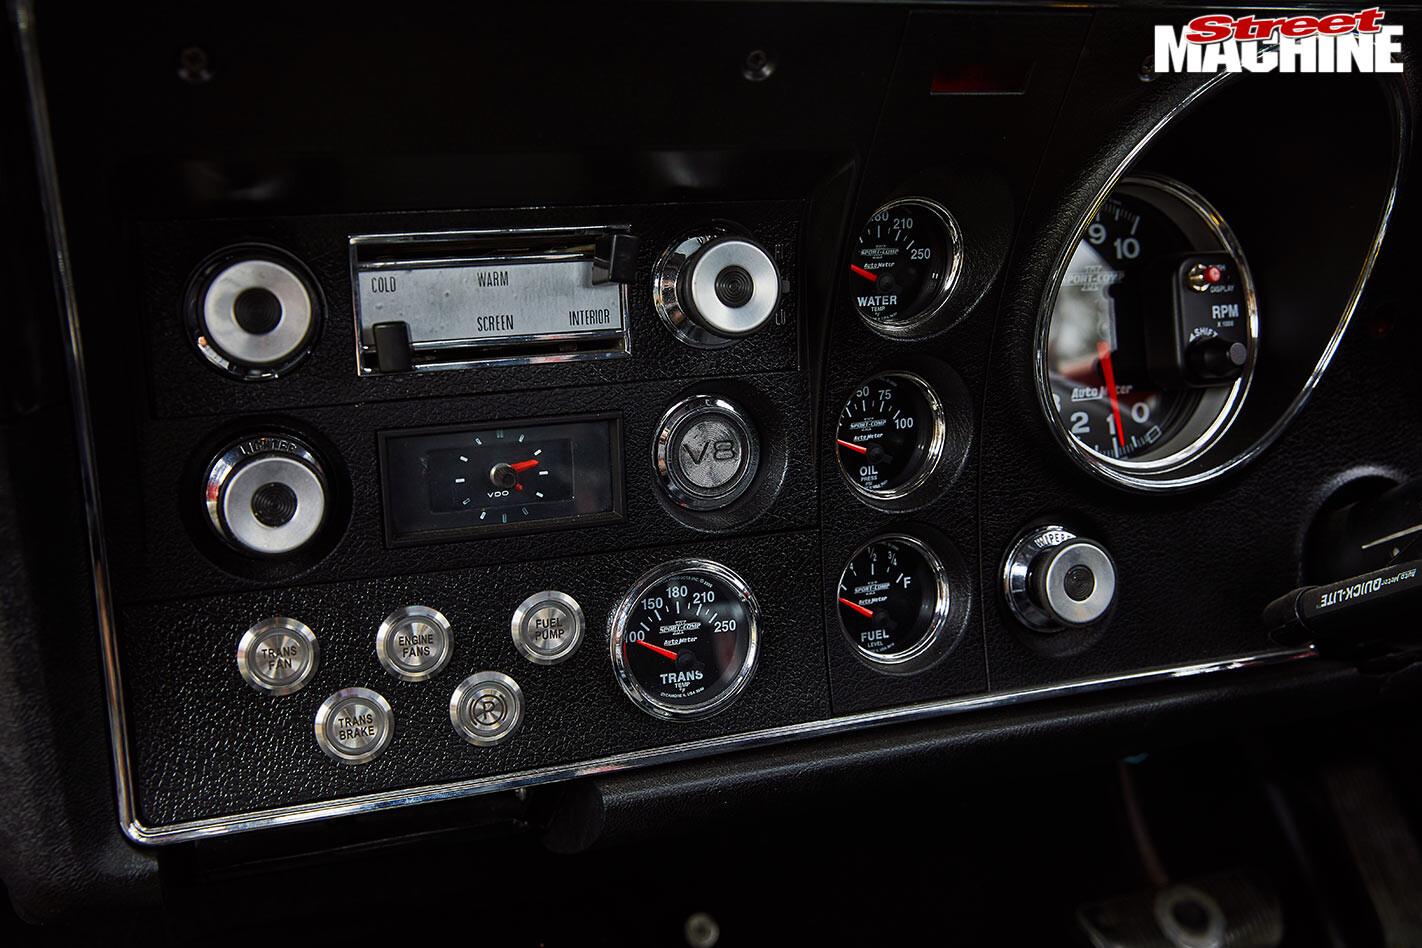 Ford Falcon XY GS dash